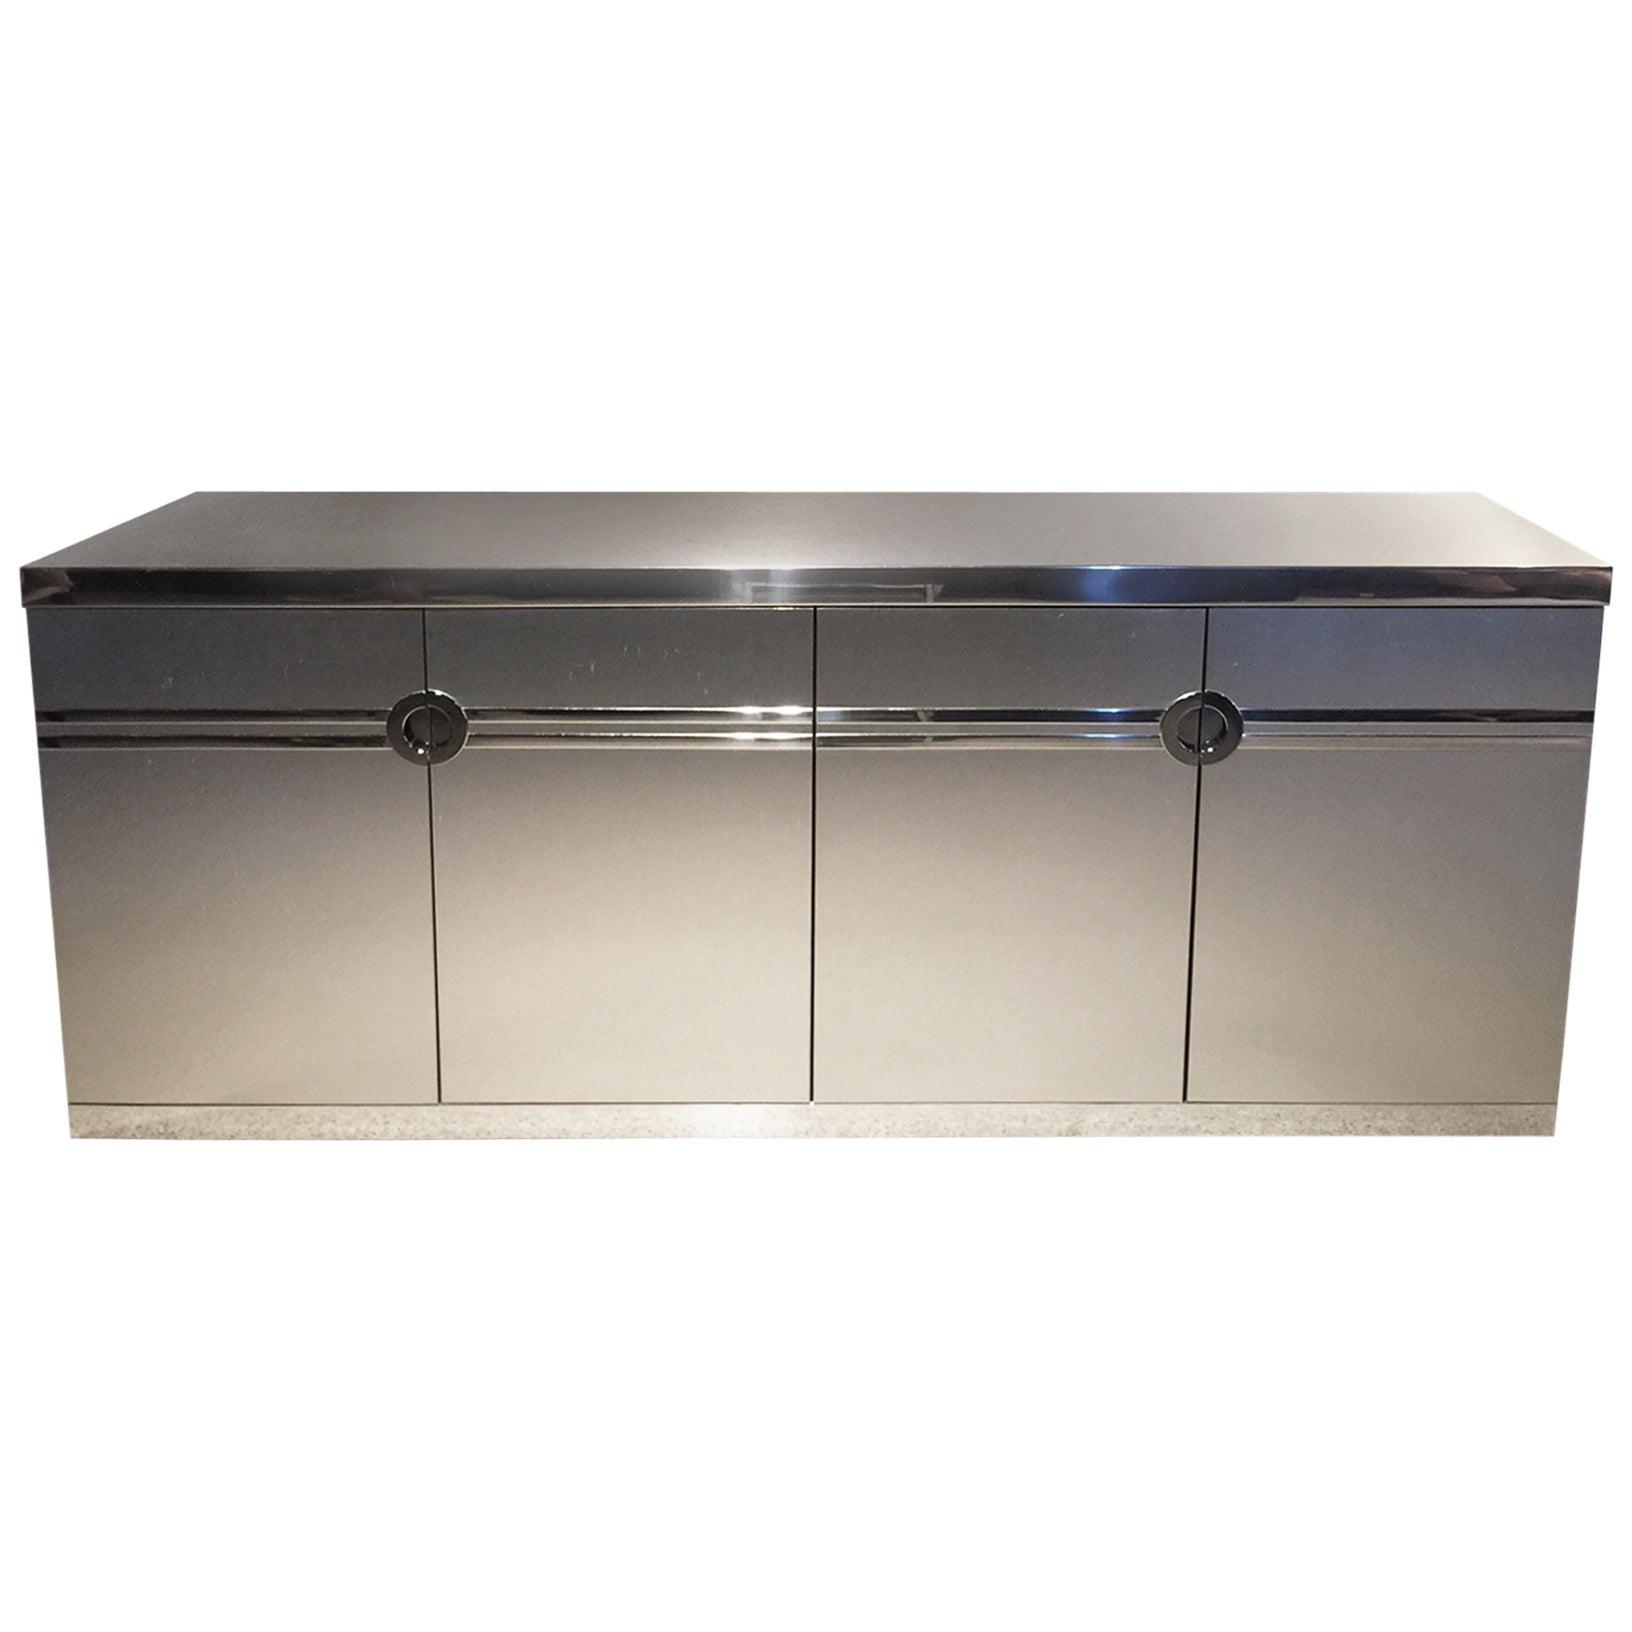 Pierre Cardin Brushed Laminated Aluminum Sideboard, Signed